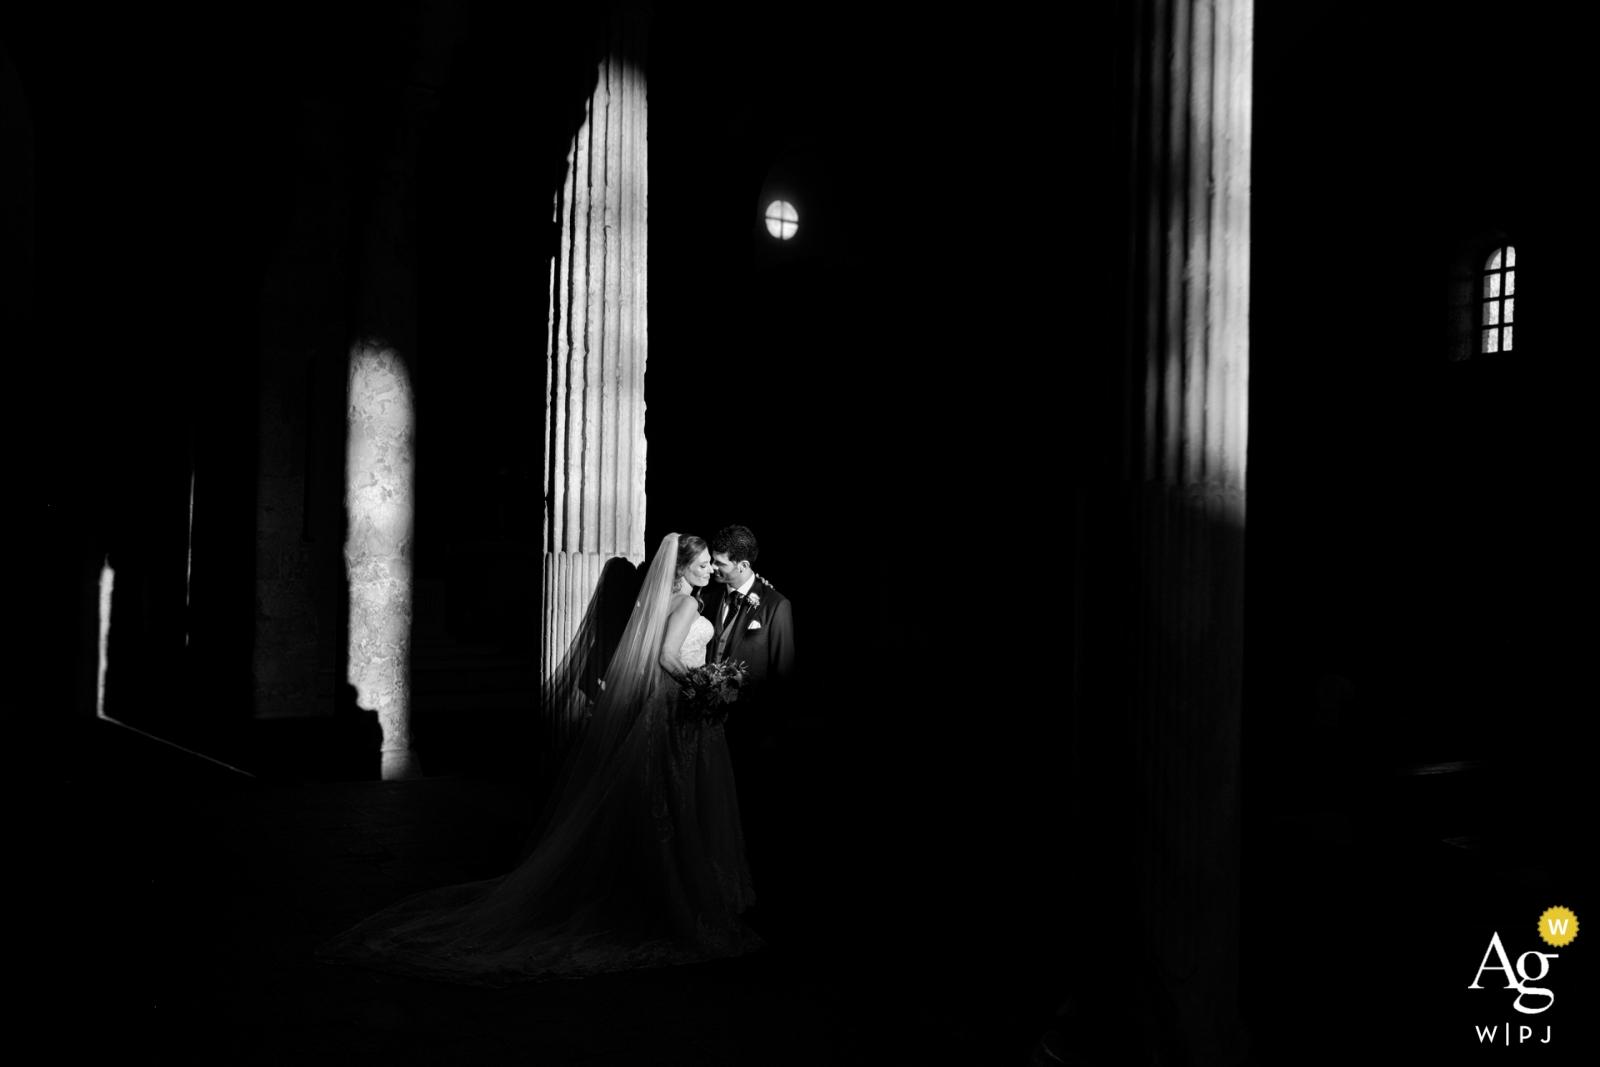 Cattedrale di Gerace, Reggio Calabria Portrait of Bride and Groom